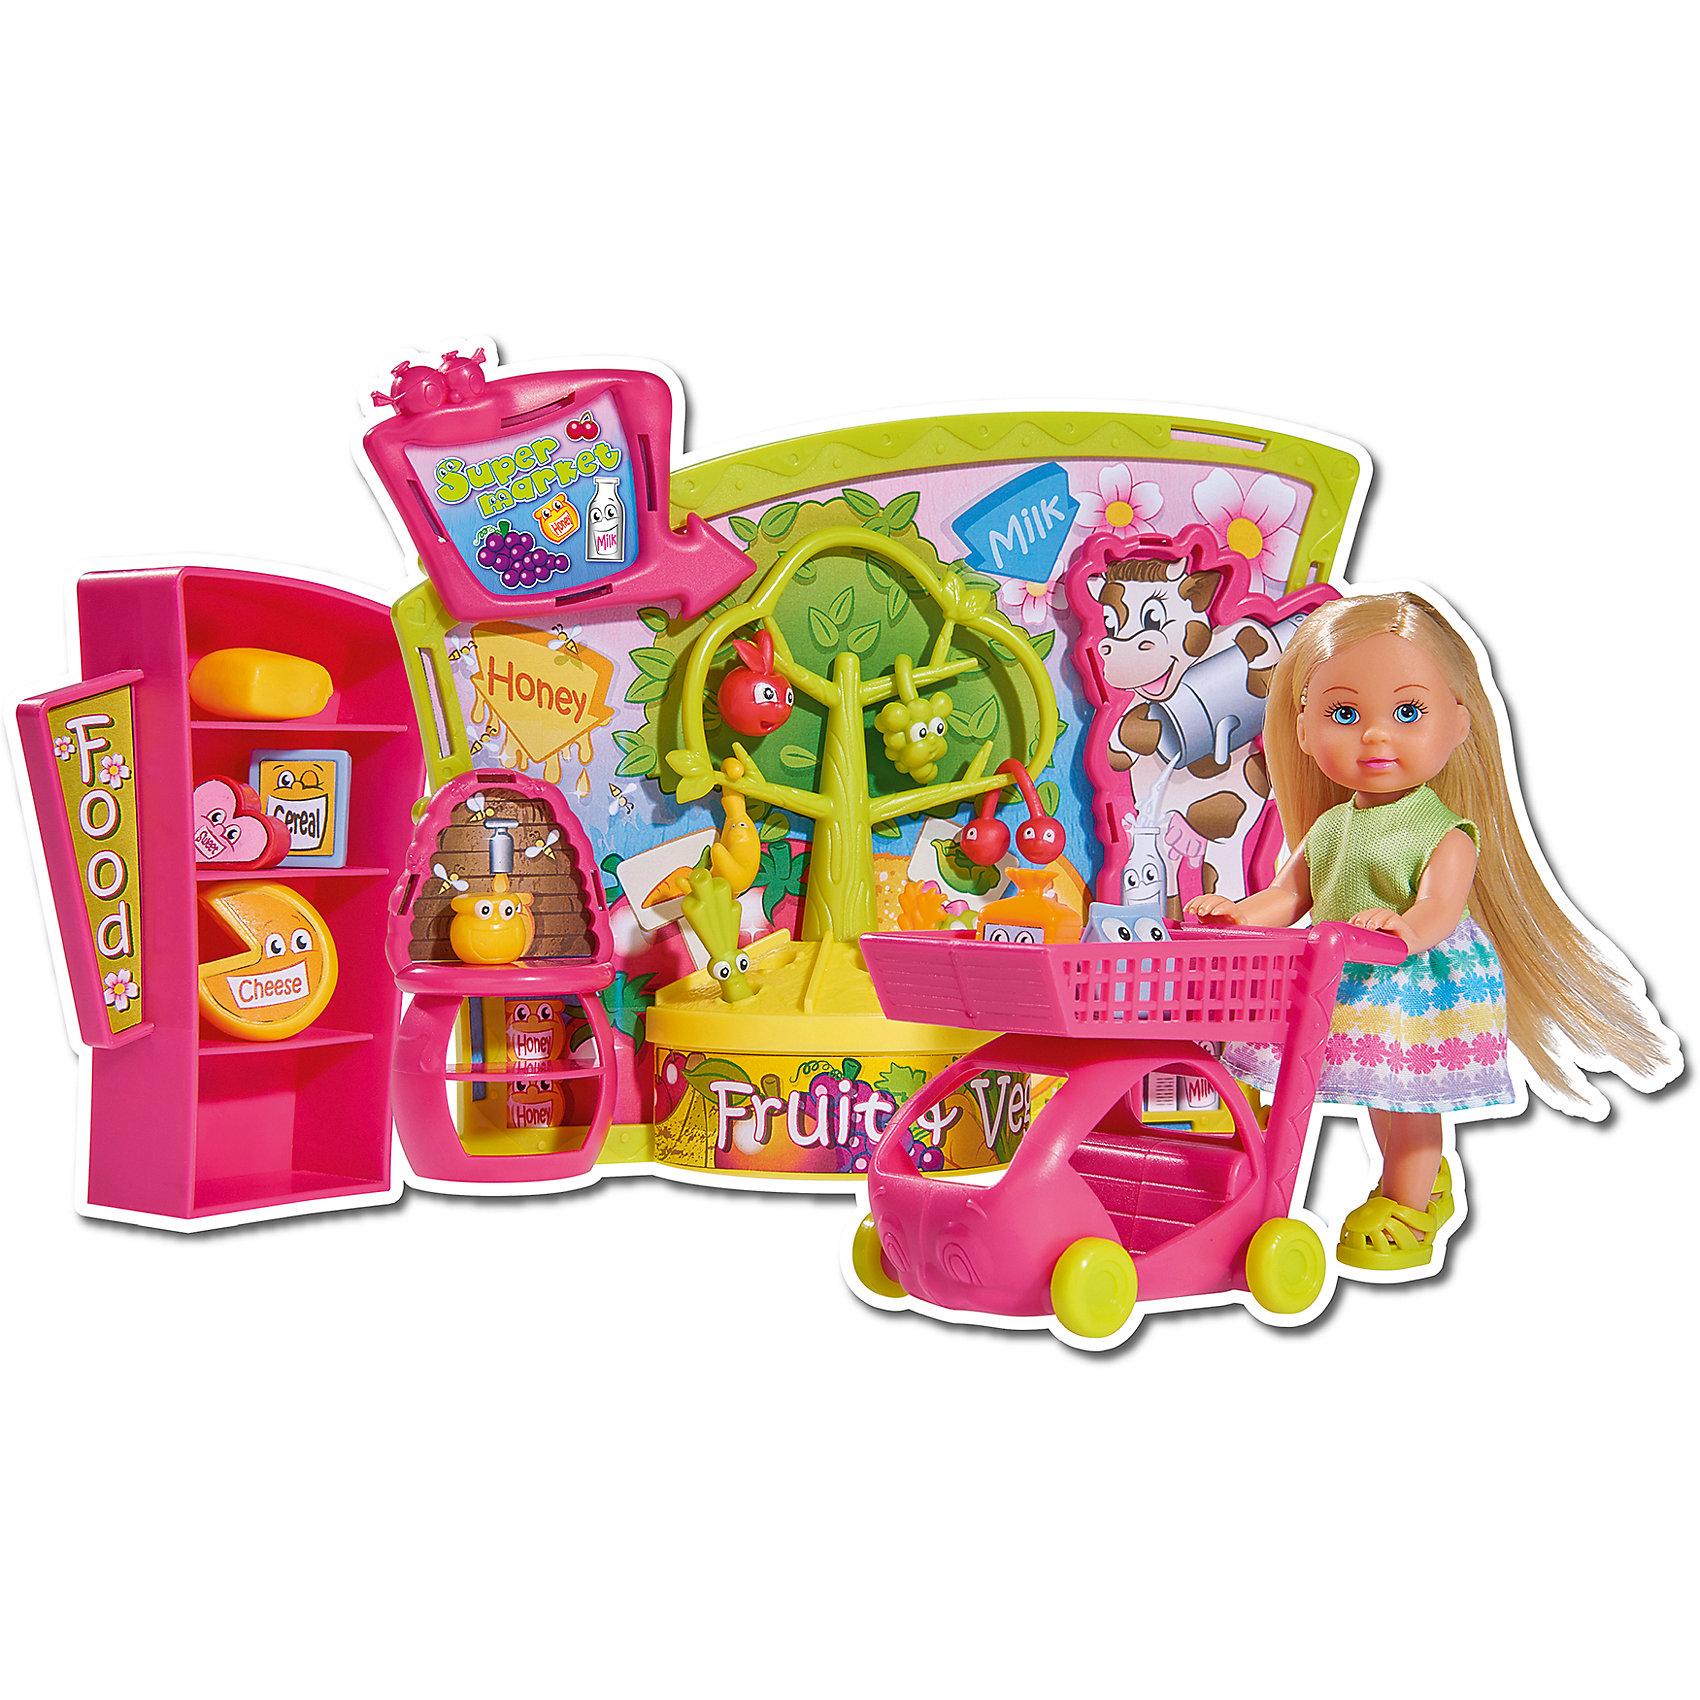 Кукла Еви в супермаркете, 12 см, SimbaХарактеристики товара:<br><br>- цвет: разноцветный;<br>- материал: пластик;<br>- возраст: от трех лет;<br>- комплектация: кукла, одежда, фигурка животного, аксессуары;<br>- высота куклы: 12 см.<br><br>Эта симпатичная кукла Еви от известного бренда приводит детей в восторг! Какая девочка сможет отказаться поиграть с куклами, которые дополнены набором в виде домашнего животного и полезных предметов?! В набор также входят аксессуары для игр с куклой. Игрушка очень качественно выполнена, поэтому она станет замечательным подарком ребенку. <br>Продается набор в красивой удобной упаковке. Изделие произведено из высококачественного материала, безопасного для детей.<br><br>Куклу Еви в супермаркете от бренда Simba можно купить в нашем интернет-магазине.<br><br>Ширина мм: 70<br>Глубина мм: 320<br>Высота мм: 200<br>Вес г: 500<br>Возраст от месяцев: 36<br>Возраст до месяцев: 120<br>Пол: Женский<br>Возраст: Детский<br>SKU: 5119528